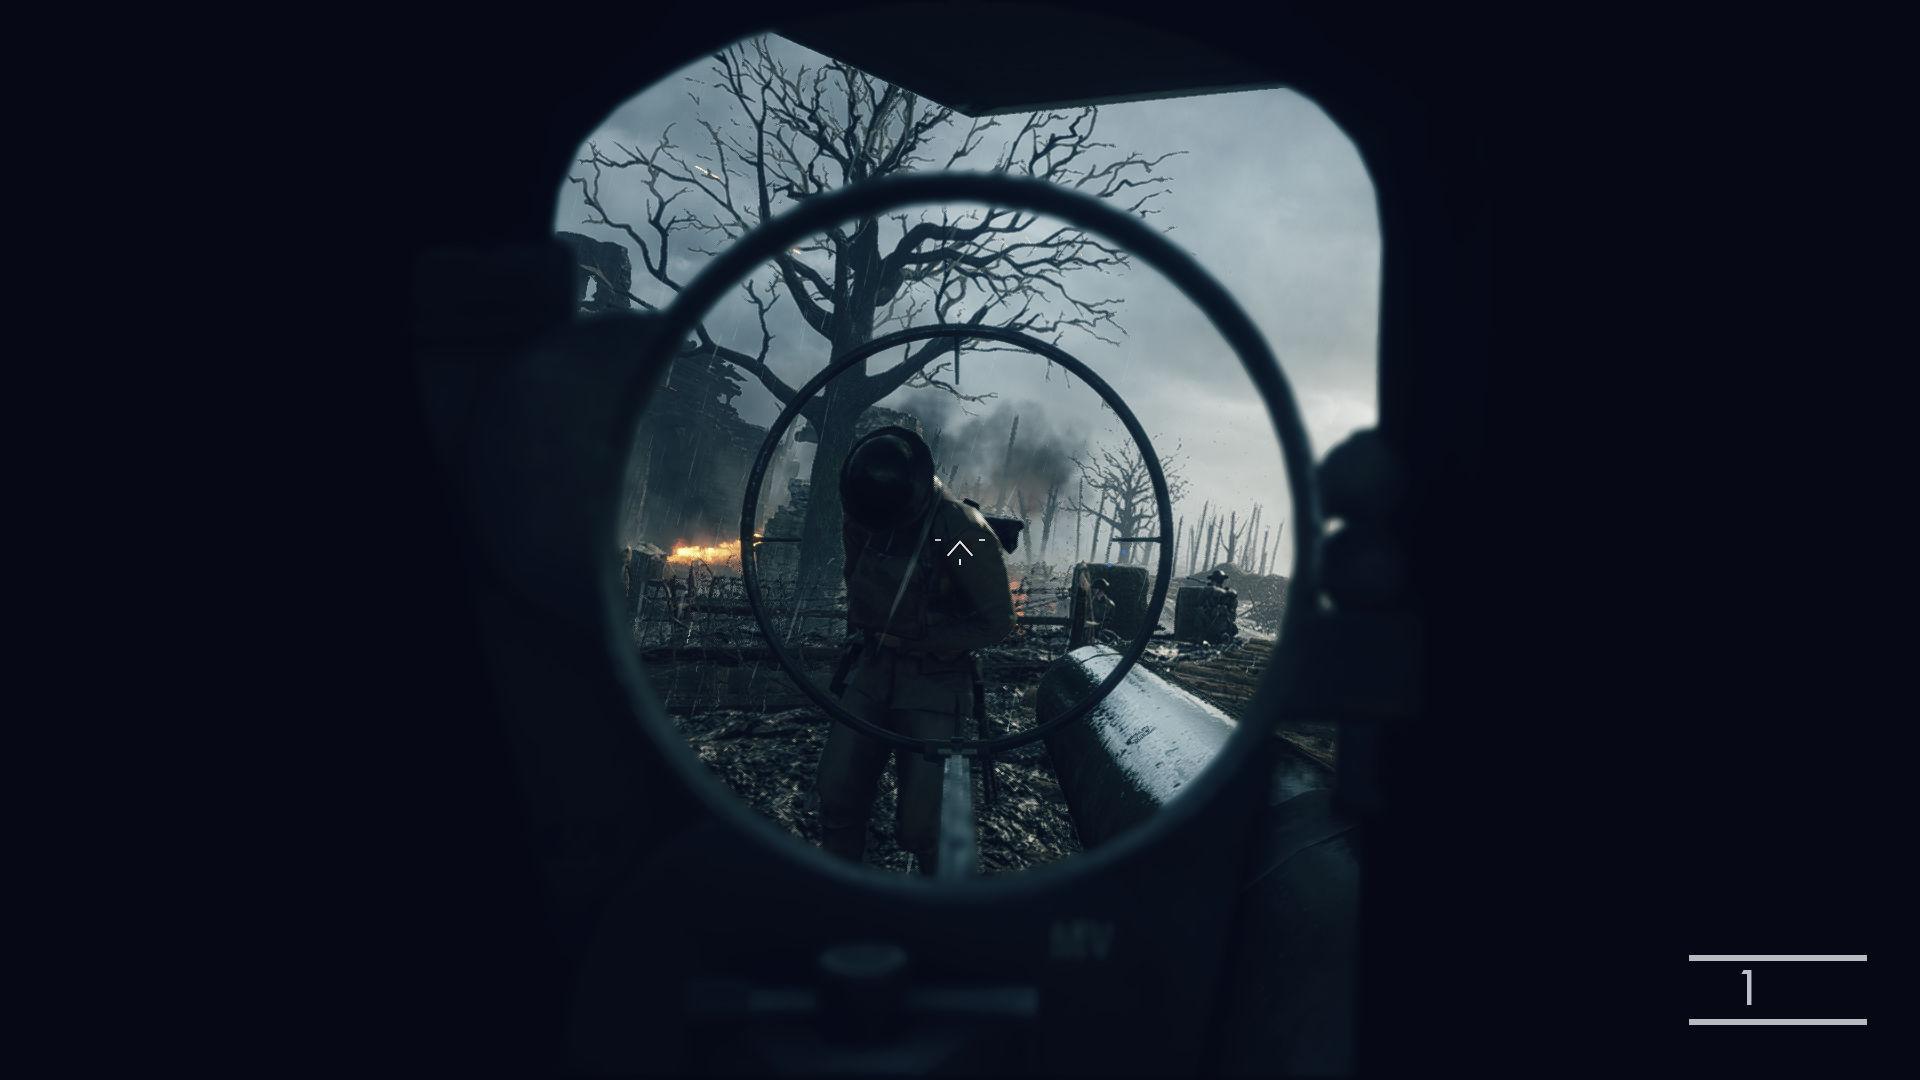 수정됨_Battlefield 1 2016.10.13 - 19.19.51.09.jpg